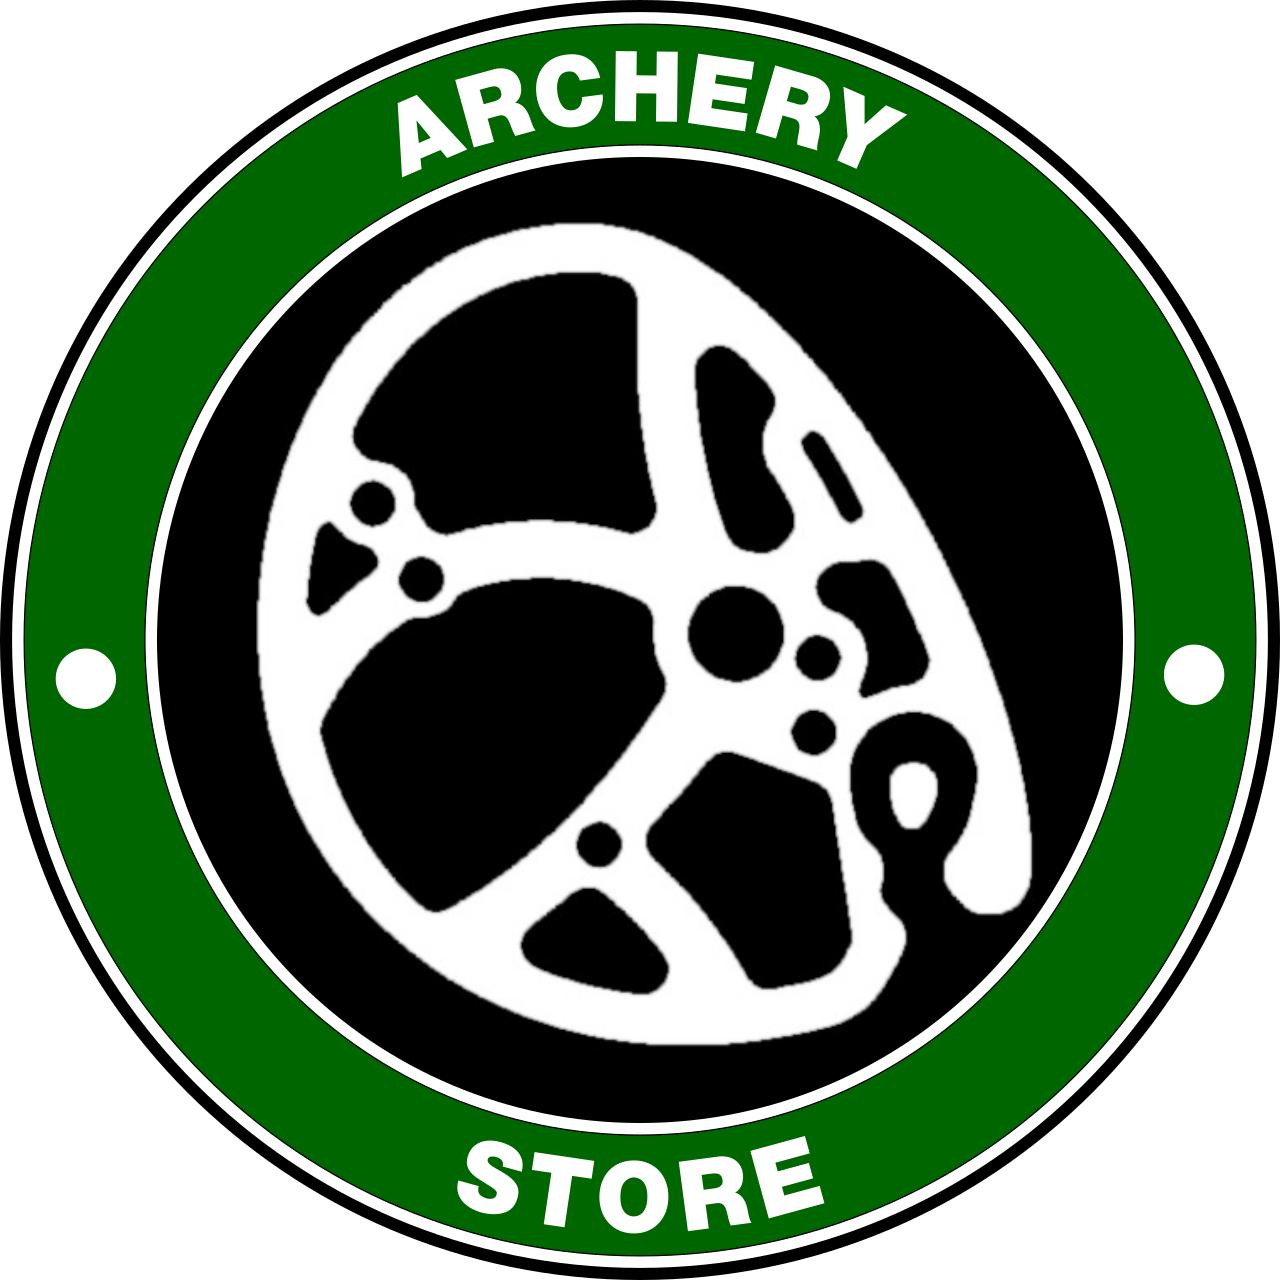 アーチェリー小物店